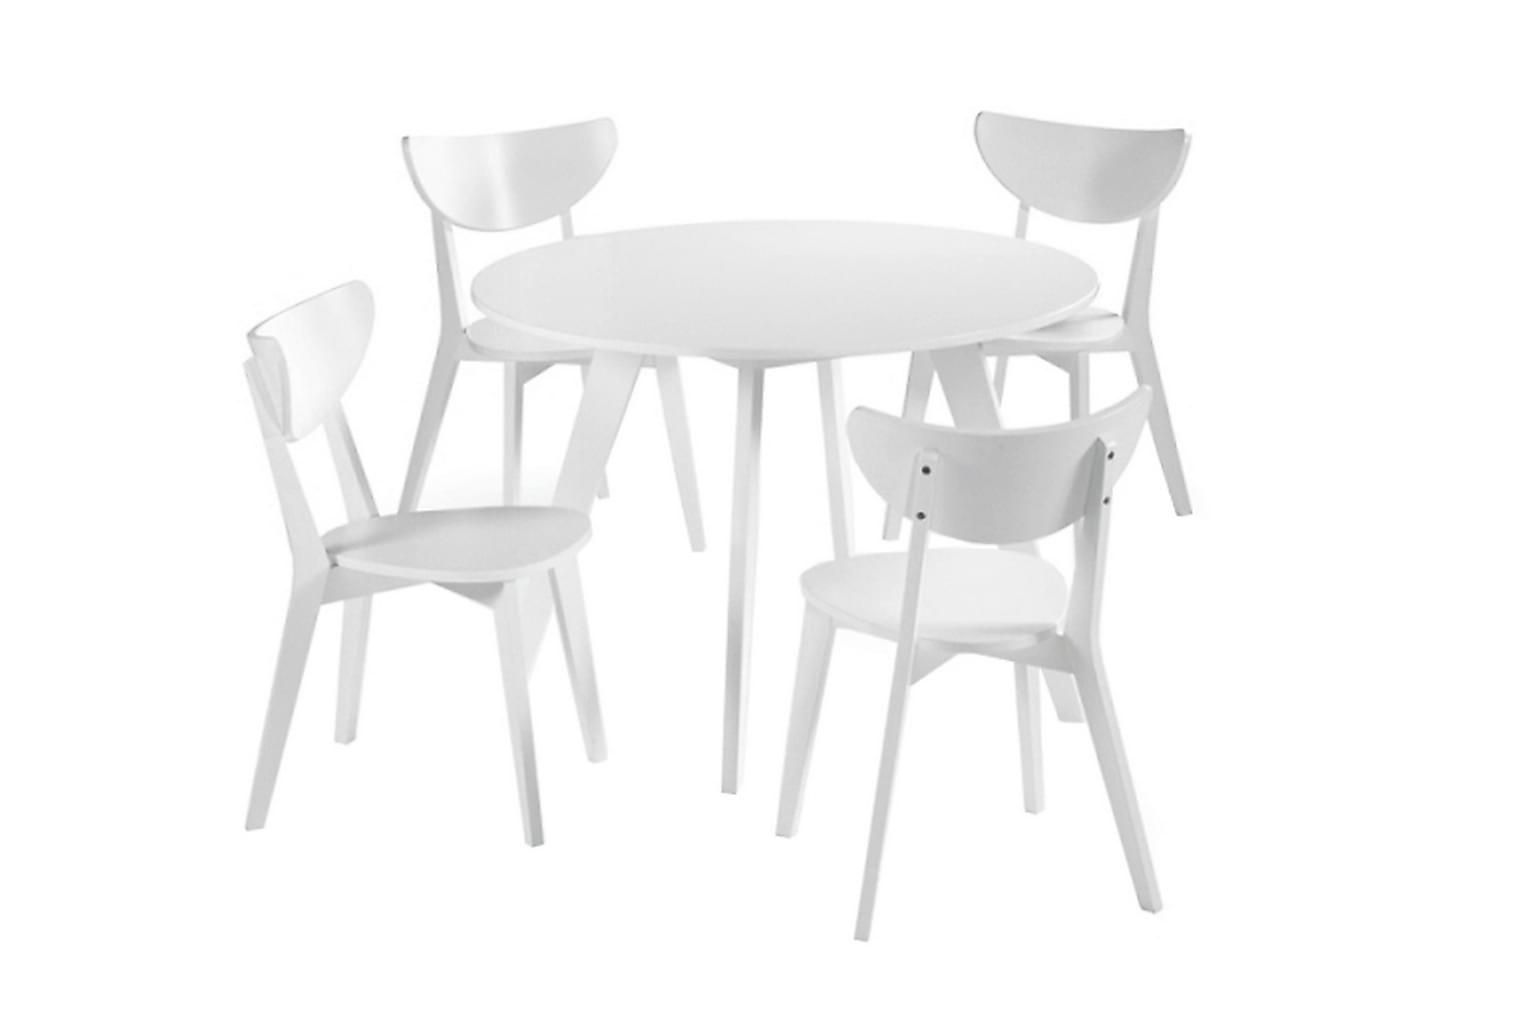 FAGERSTRÖM Pöytä 110 Valkea + 4 Tuolia Valkea